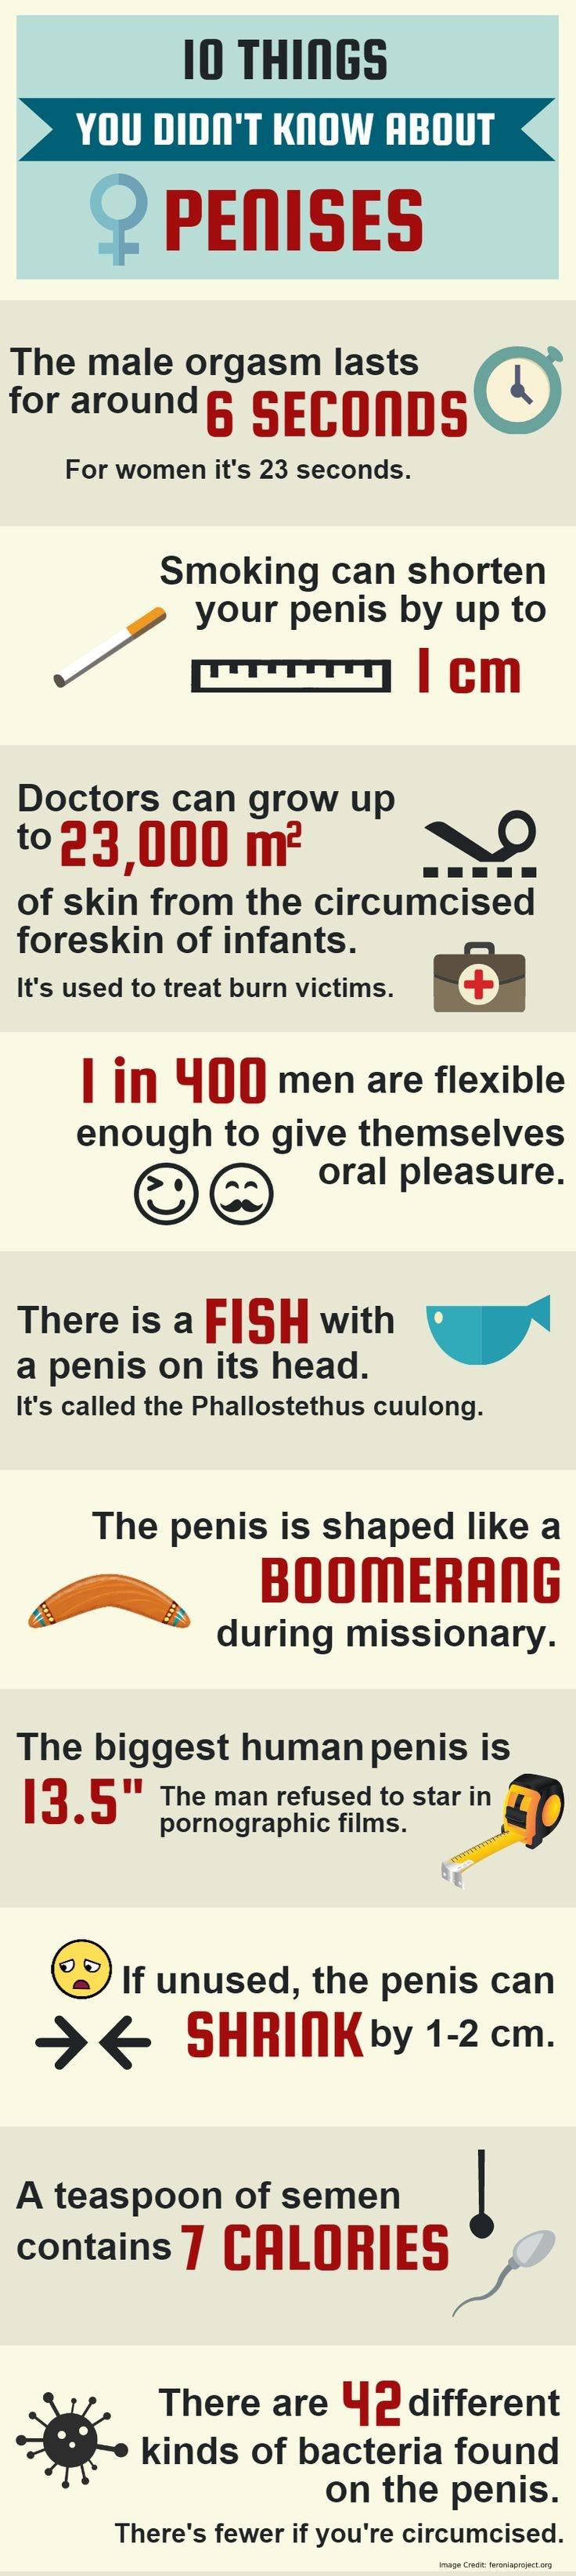 Penis 10 Things Info